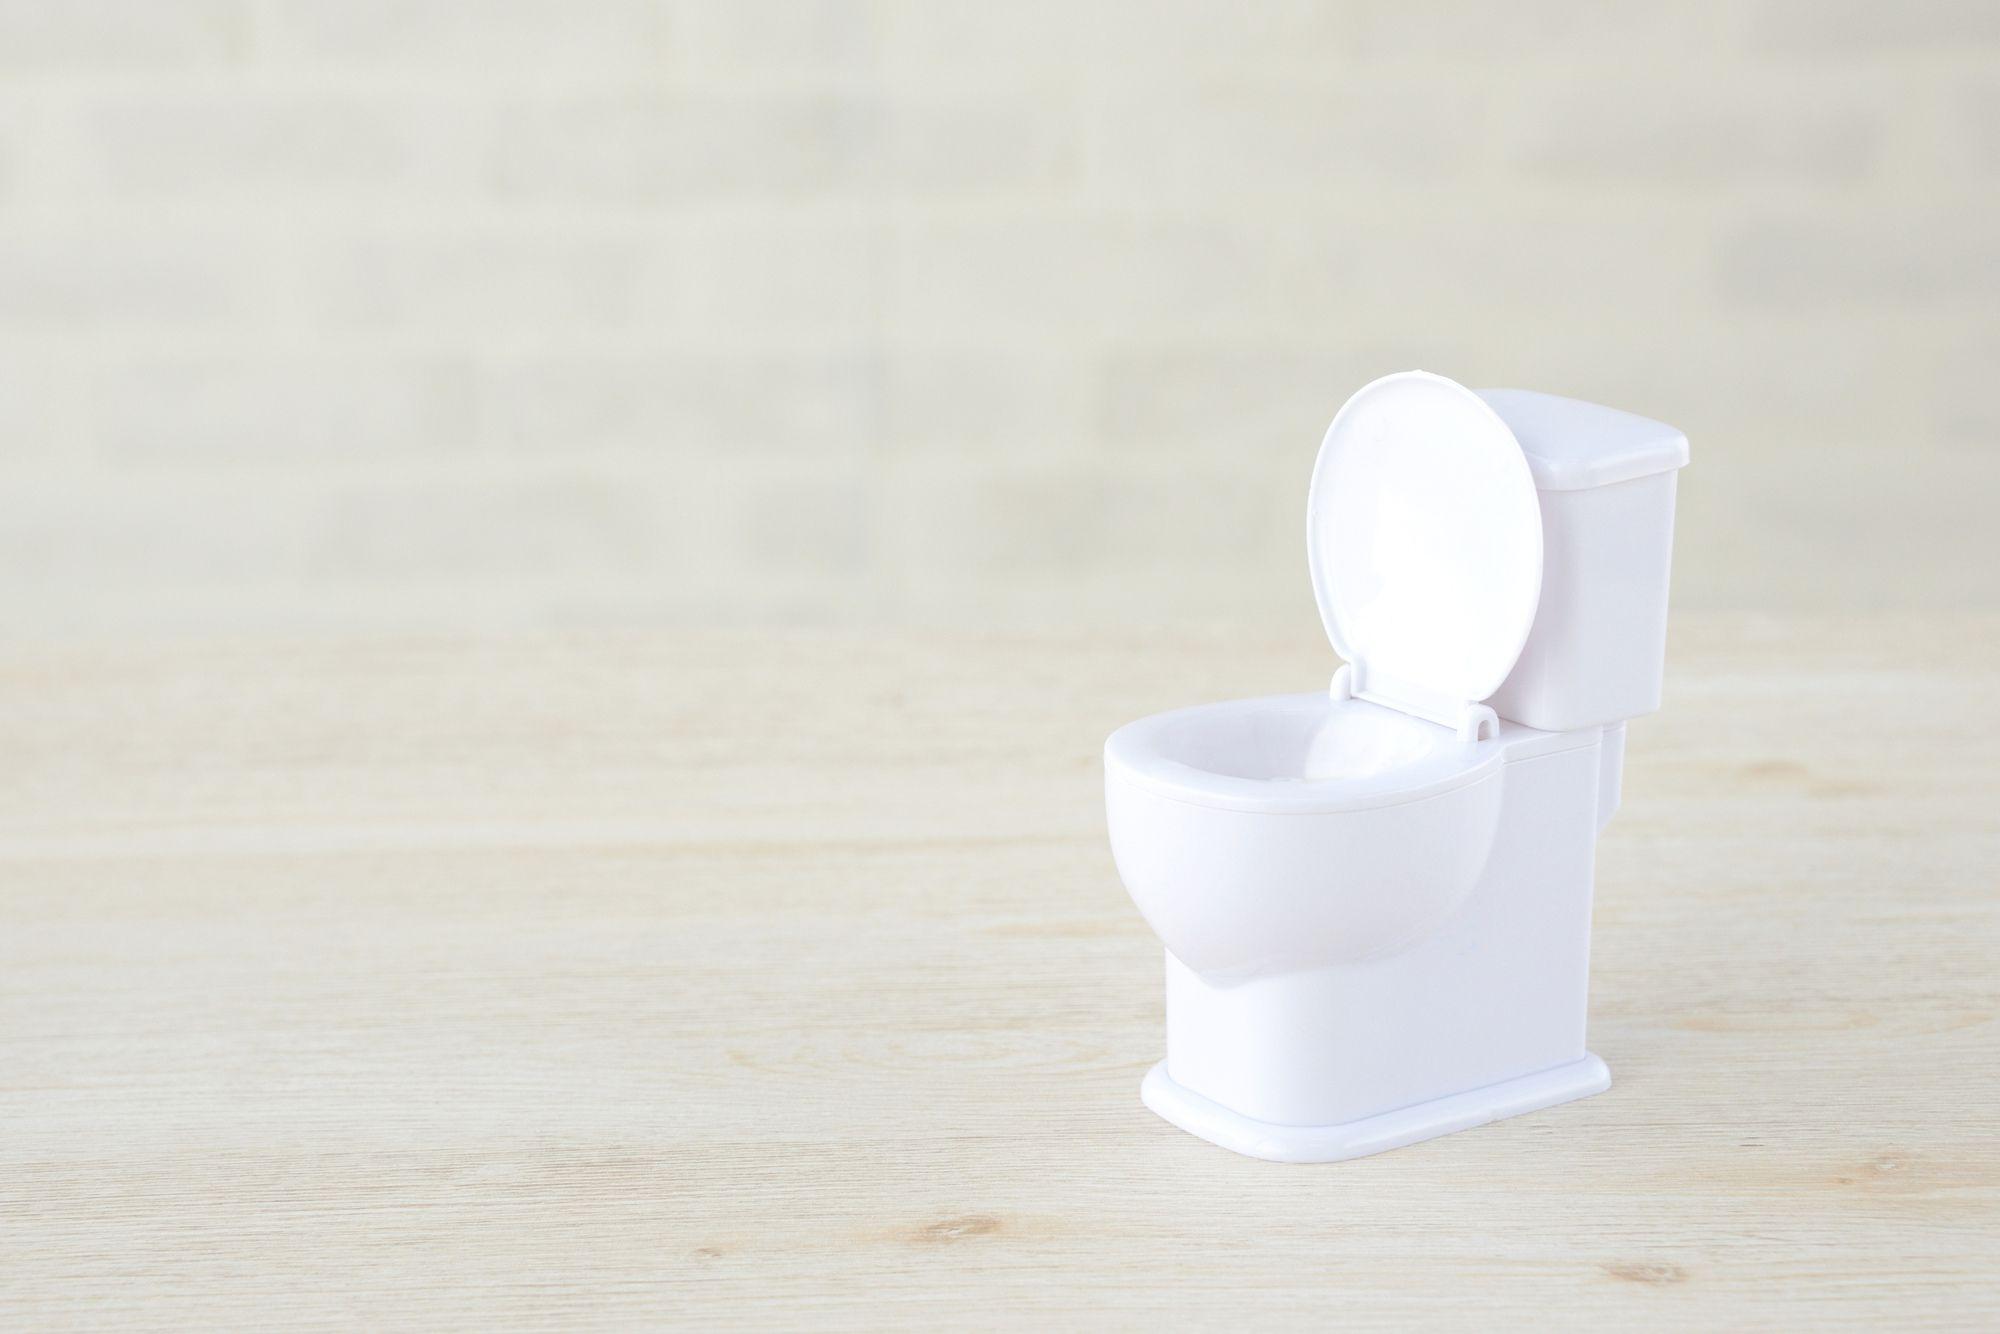 トイレの水が止まらないときの水道代はどうなる?